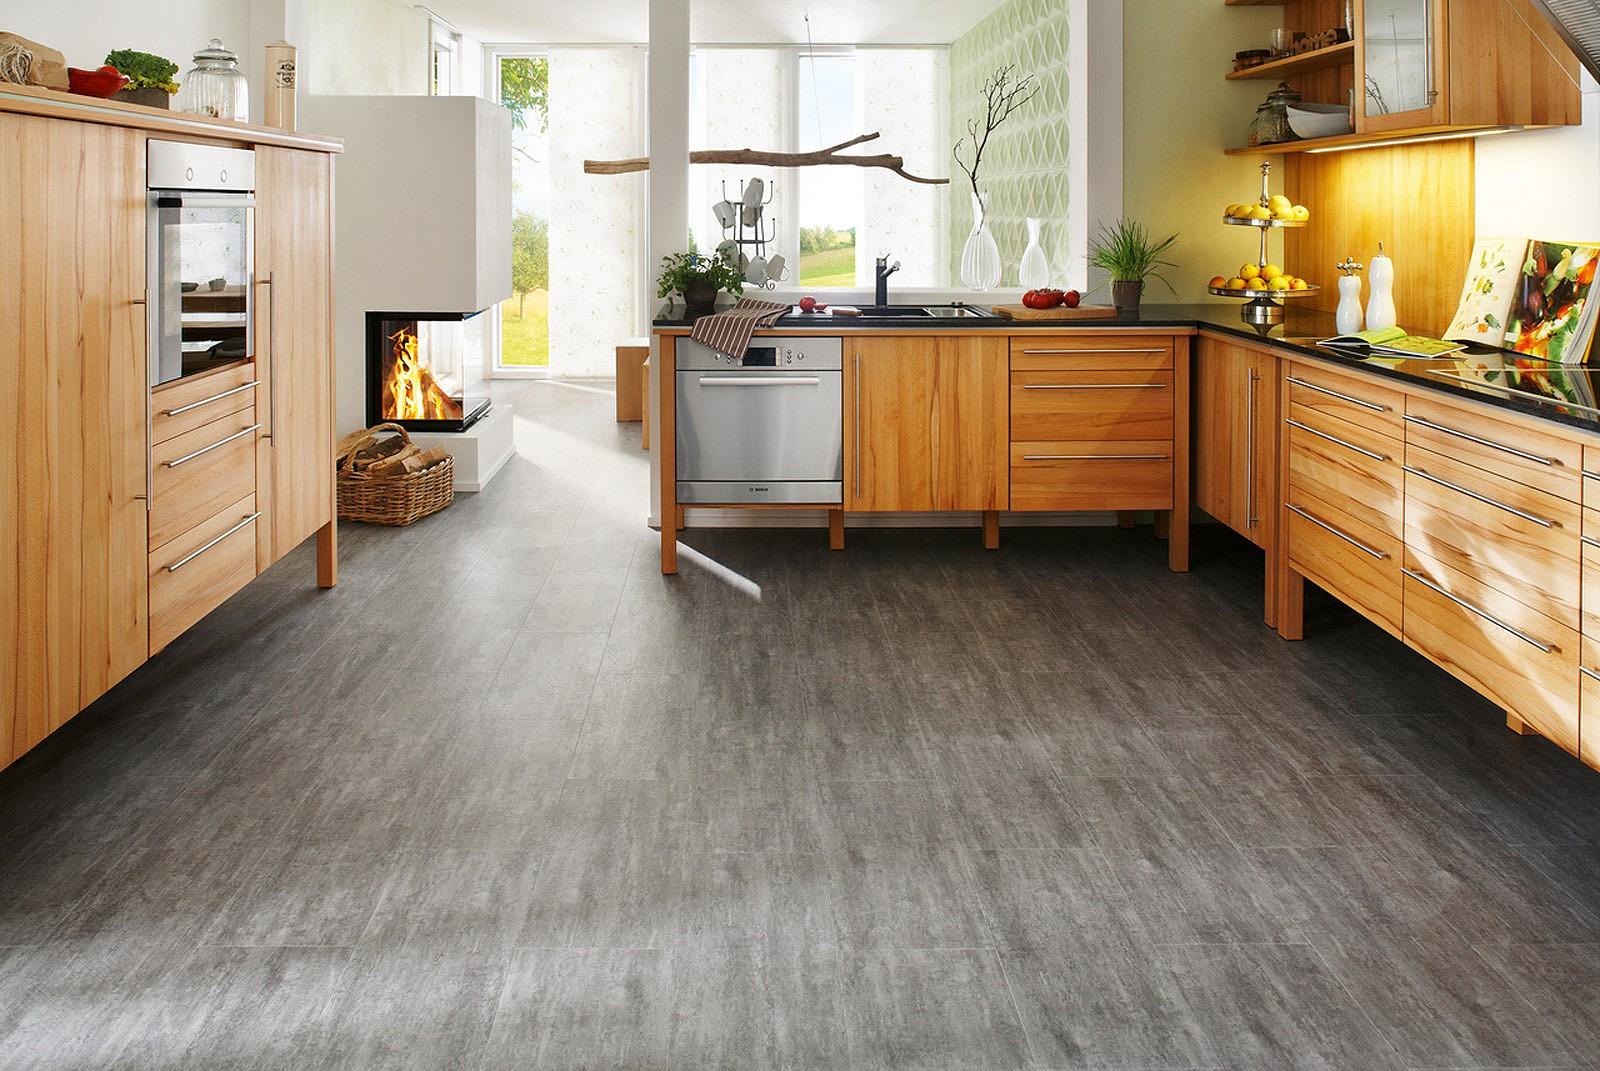 vinylboden schneider holz boden. Black Bedroom Furniture Sets. Home Design Ideas